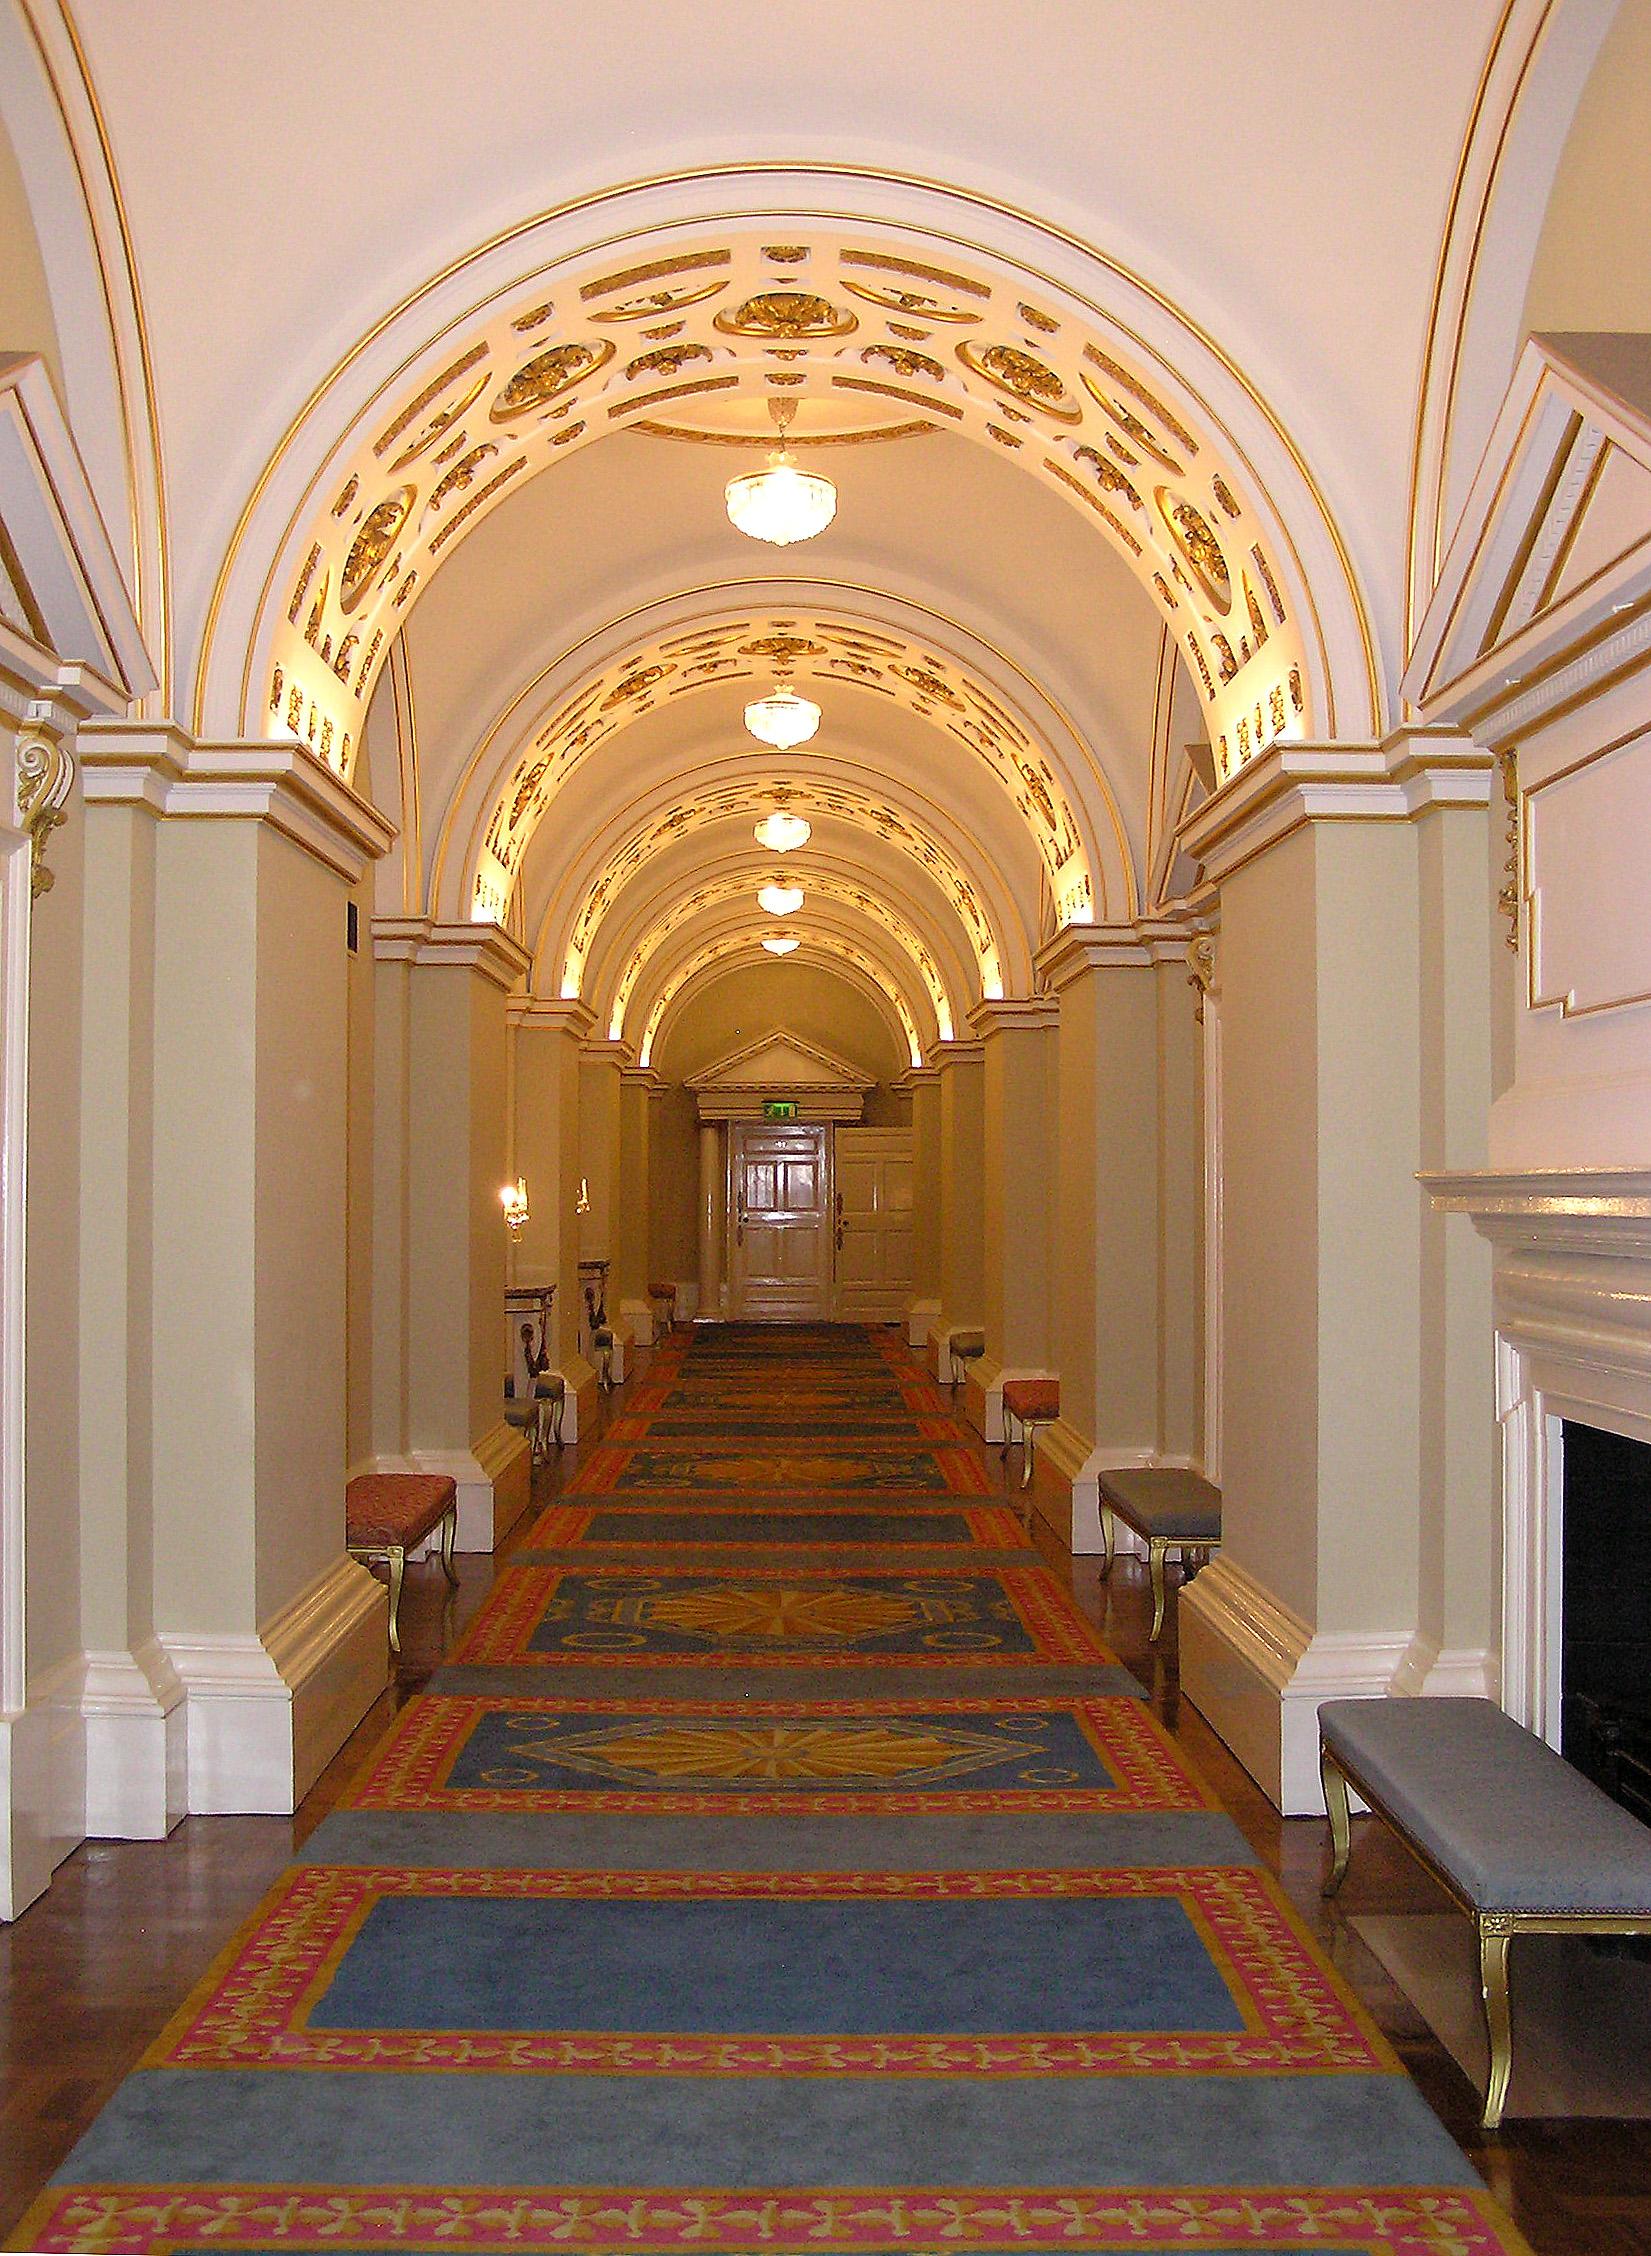 file:(ireland) dublin castle interior (state corridor)